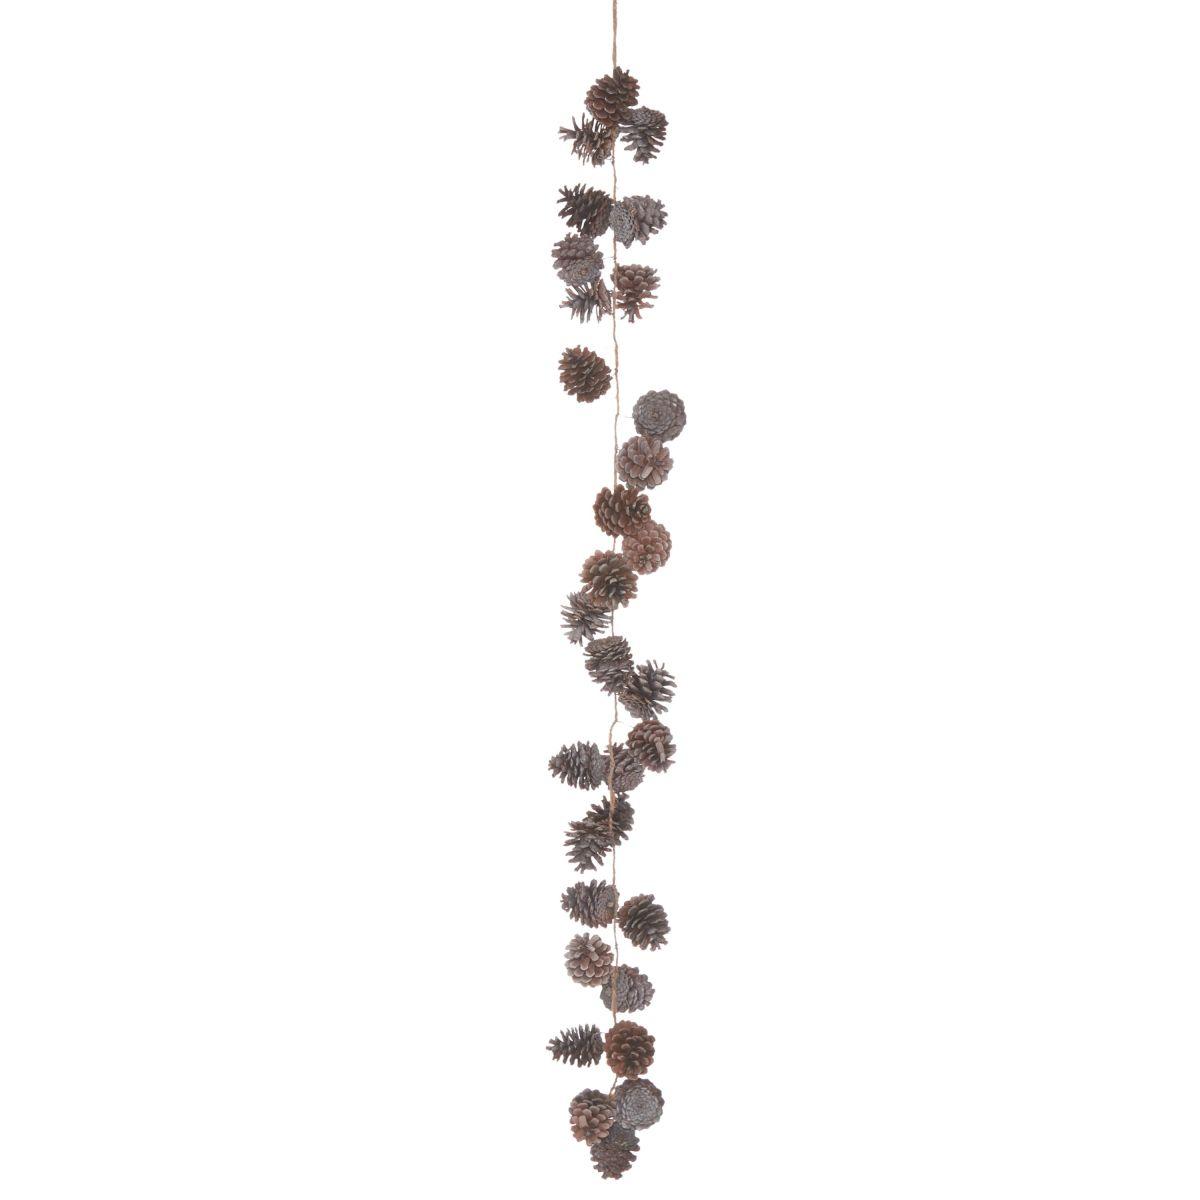 Zapfen-Girlande, Shabby Chic, Tannenzapfen (Impressionen)